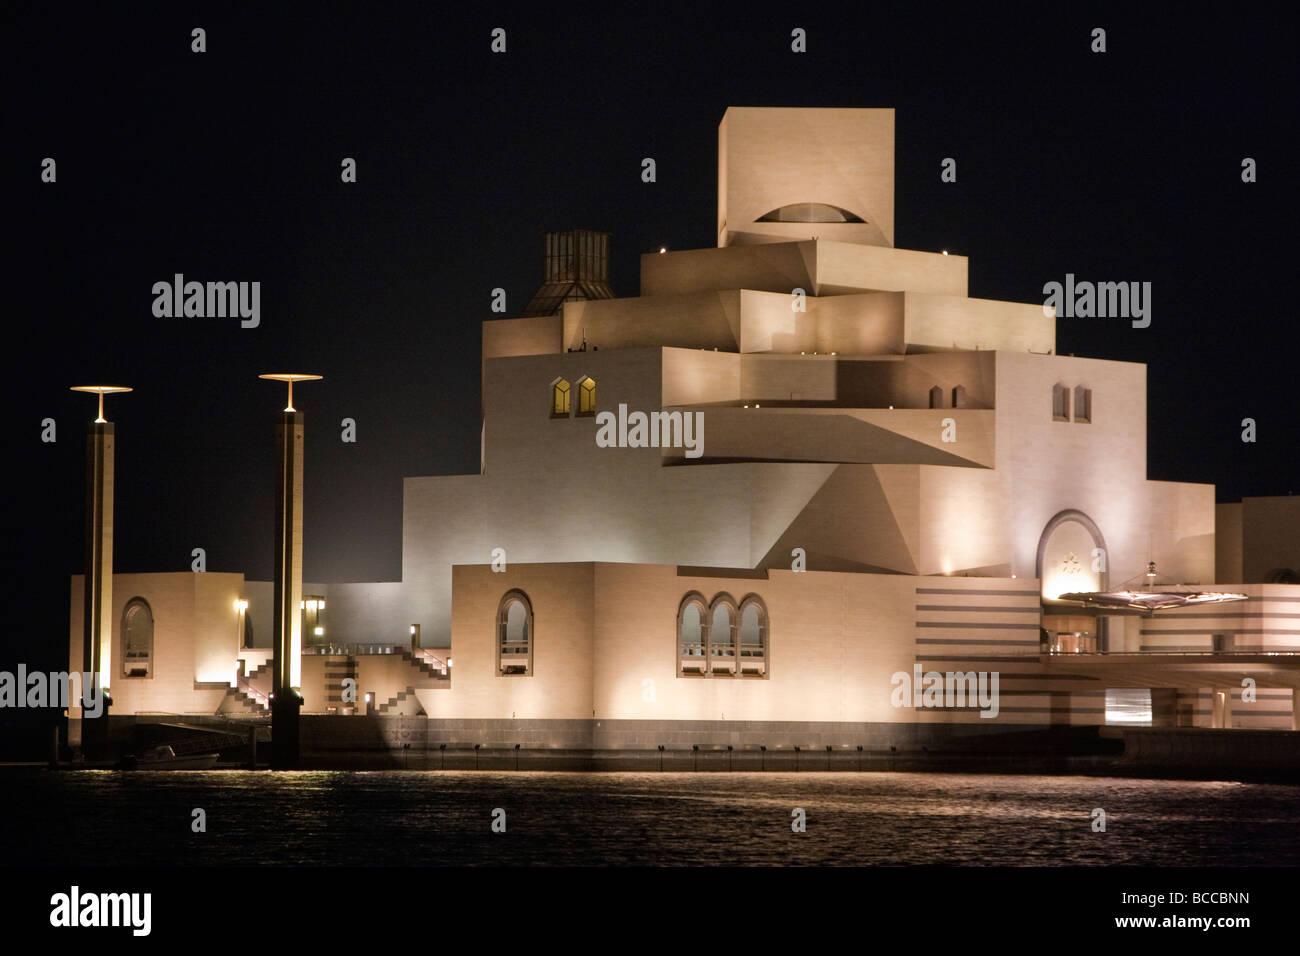 Doha in Qatar. Il Museo di Arte Islamica, Vista notte. Immagini Stock